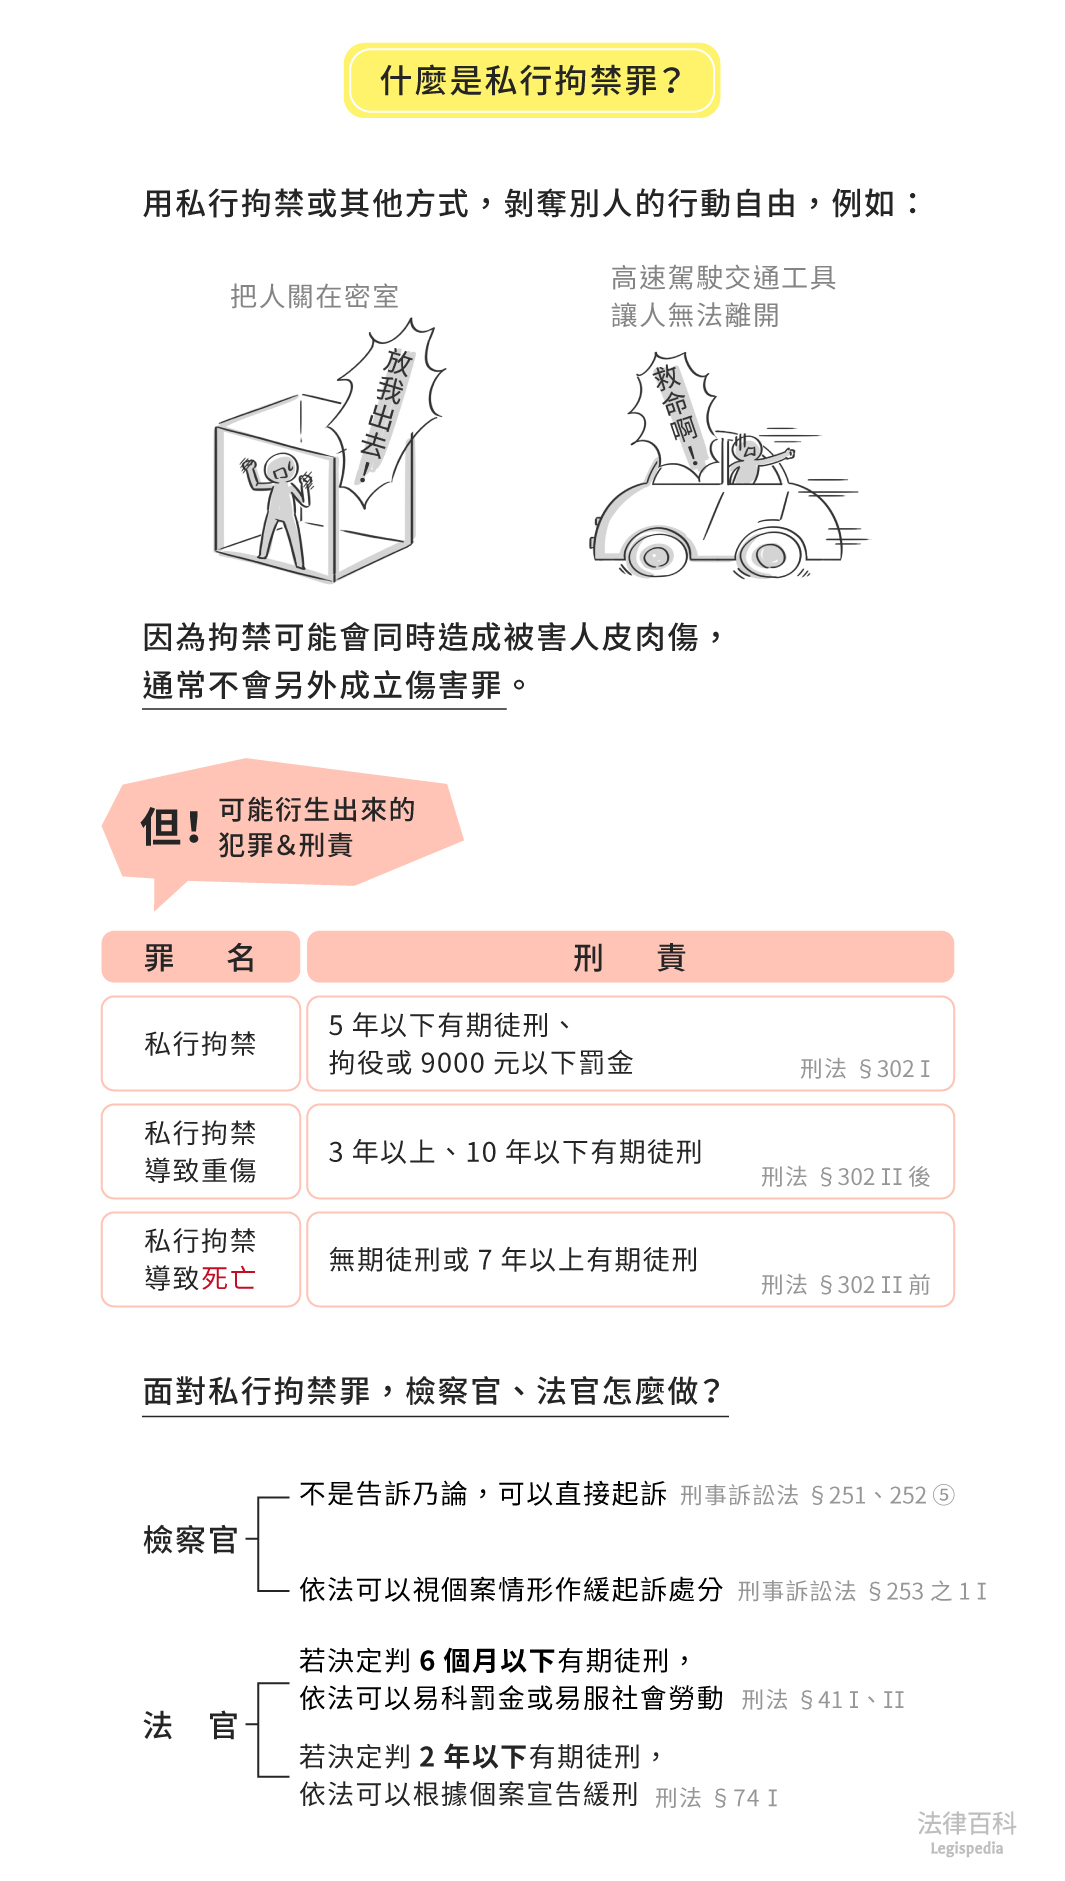 圖1 什麼是私行拘禁罪?||資料來源:吳景欽 / 繪圖:Yen